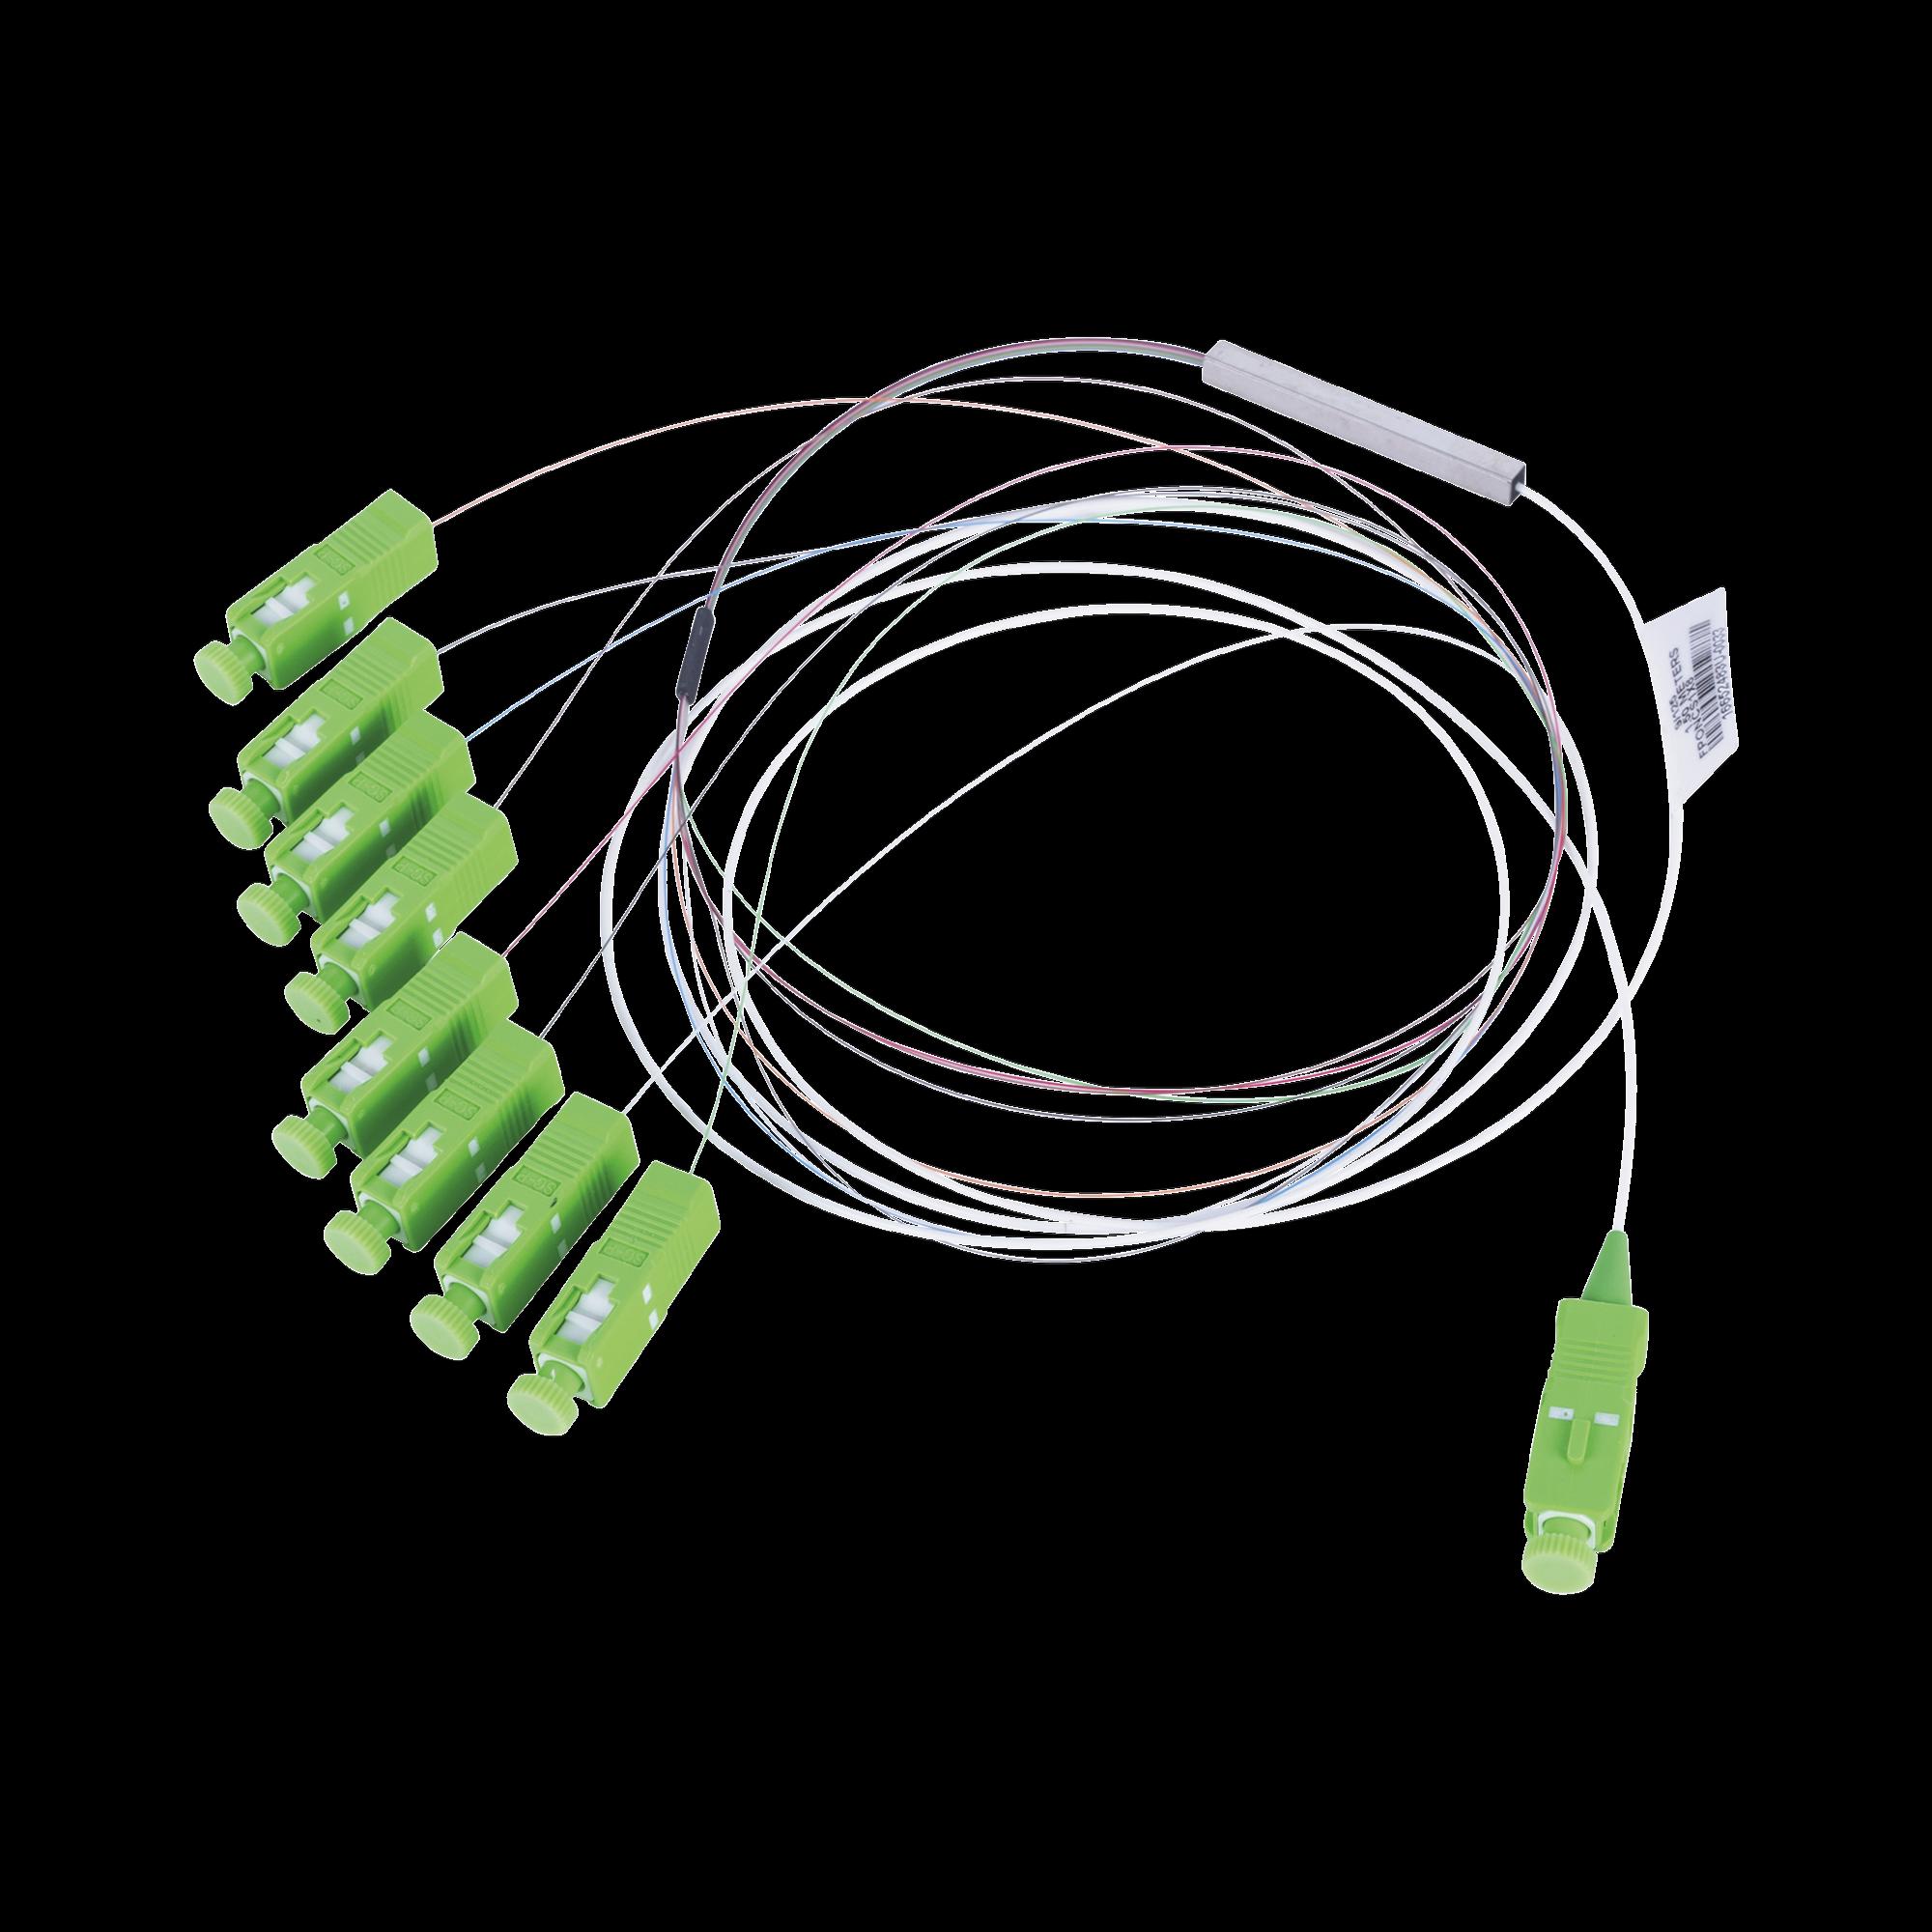 Divisor óptico (Splitter) Tipo PLC, de 1x8, Con Conector de Entrada SC/APC y Conectores de Salida SC/APC